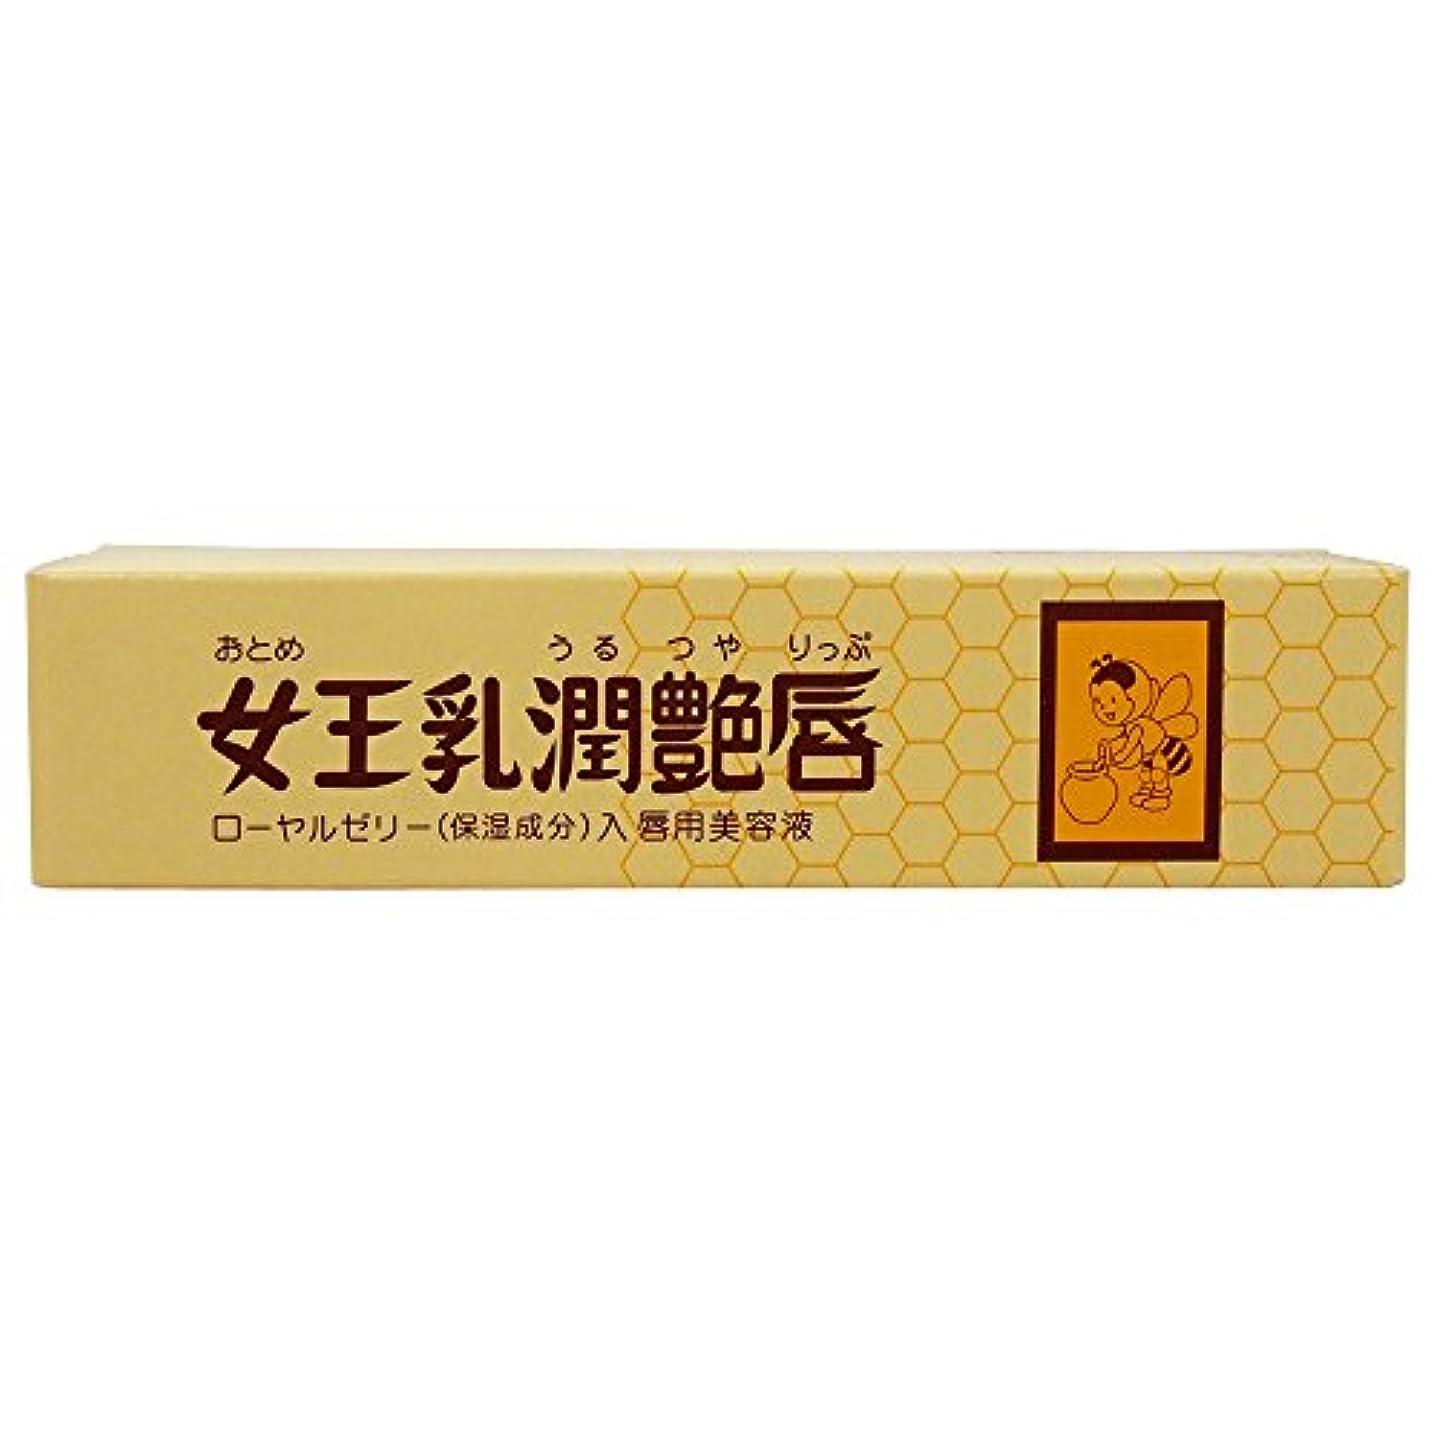 司書横従事した女王乳潤艶唇 (13g)